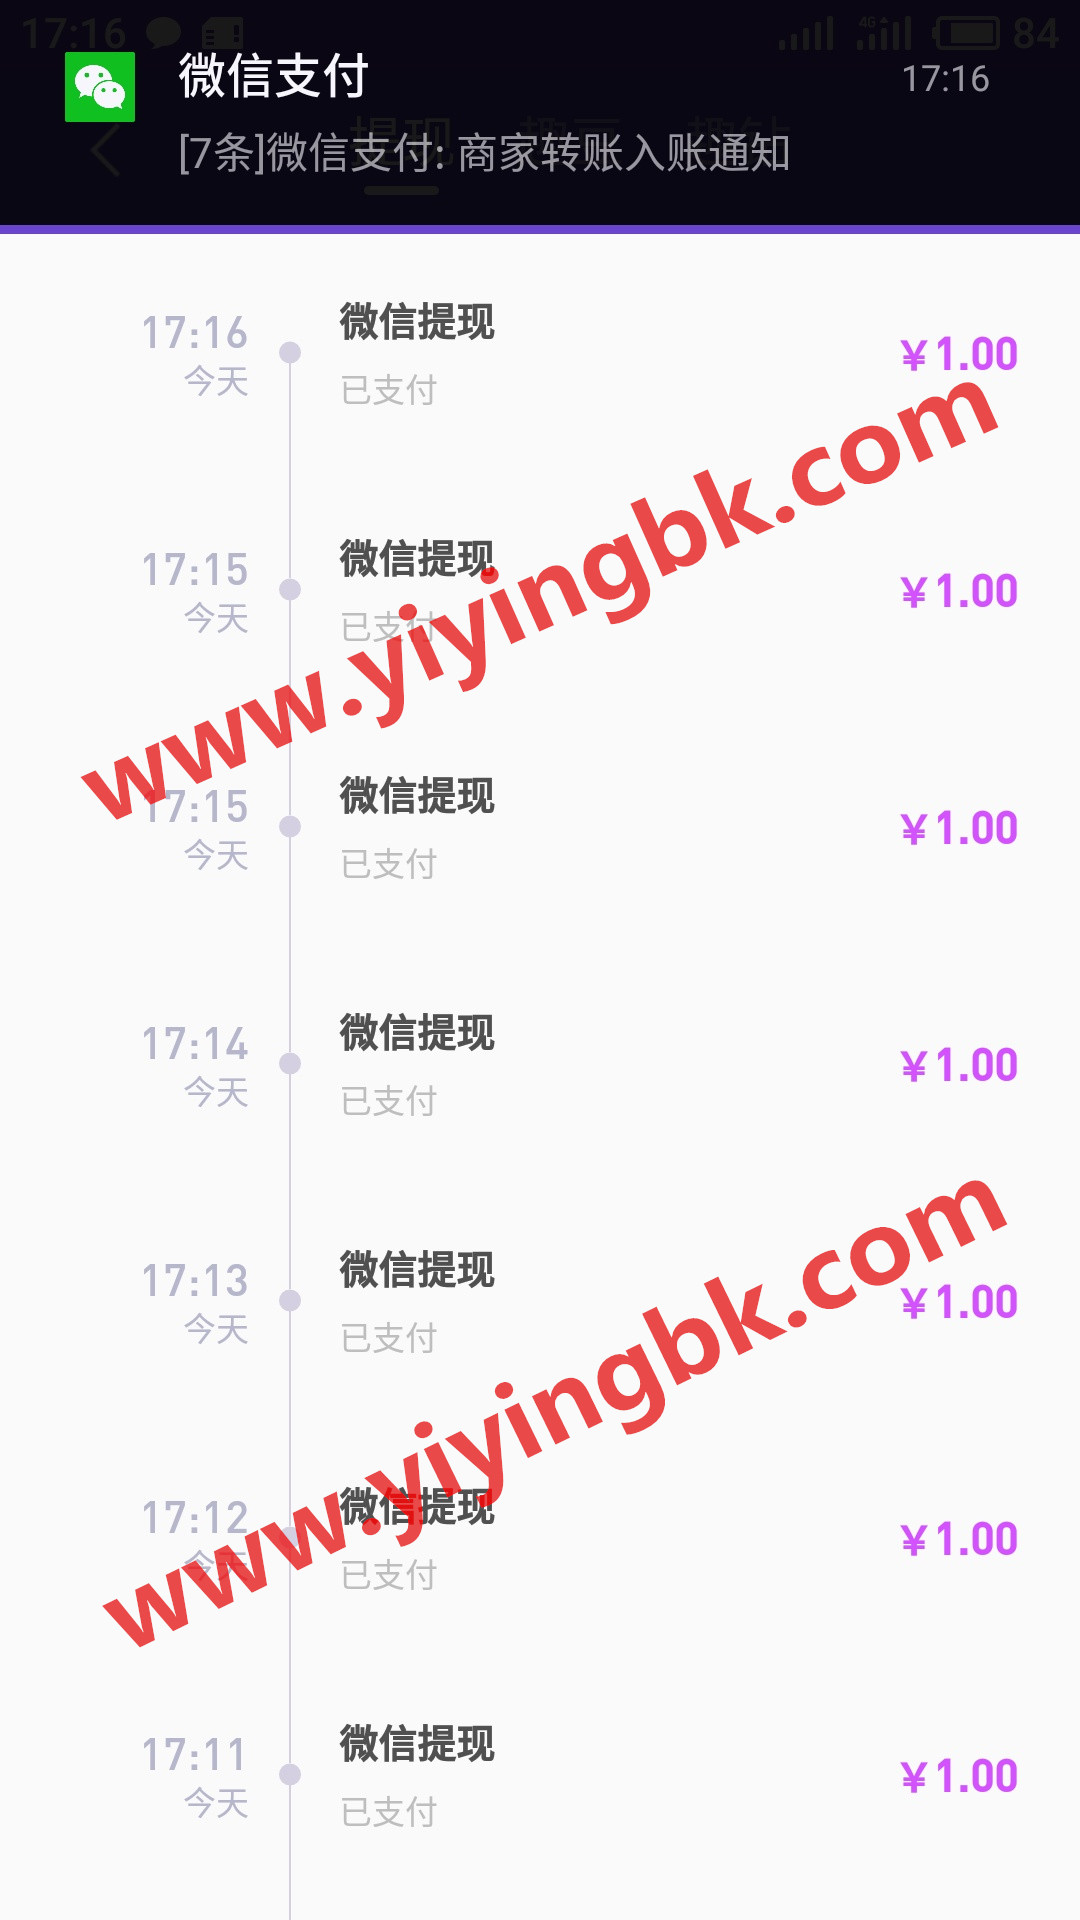 免费玩手游领红包赚零花钱,微信提现记录。www.yiyingbk.com